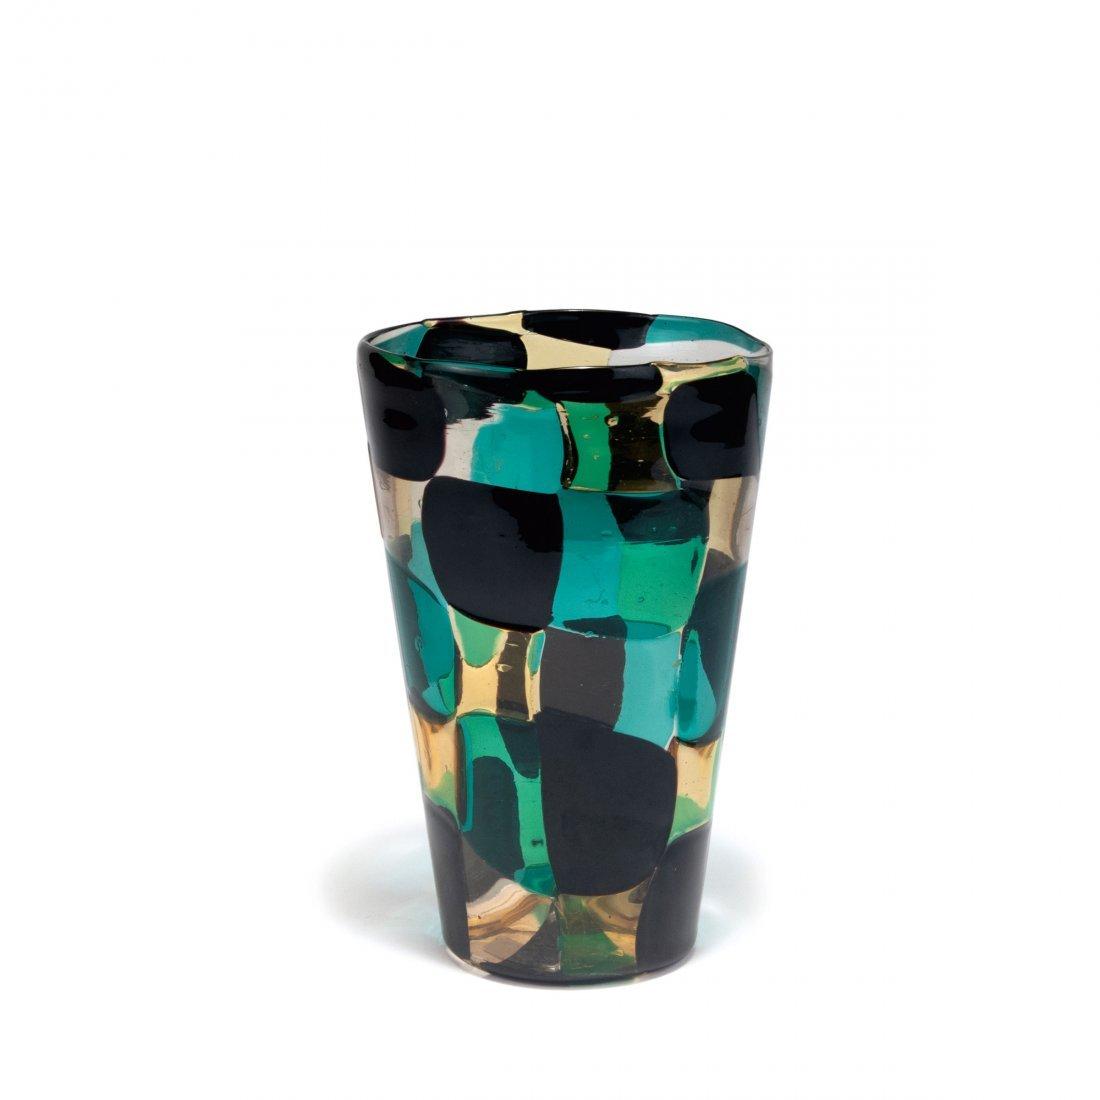 'Pezzato' vase, c1961